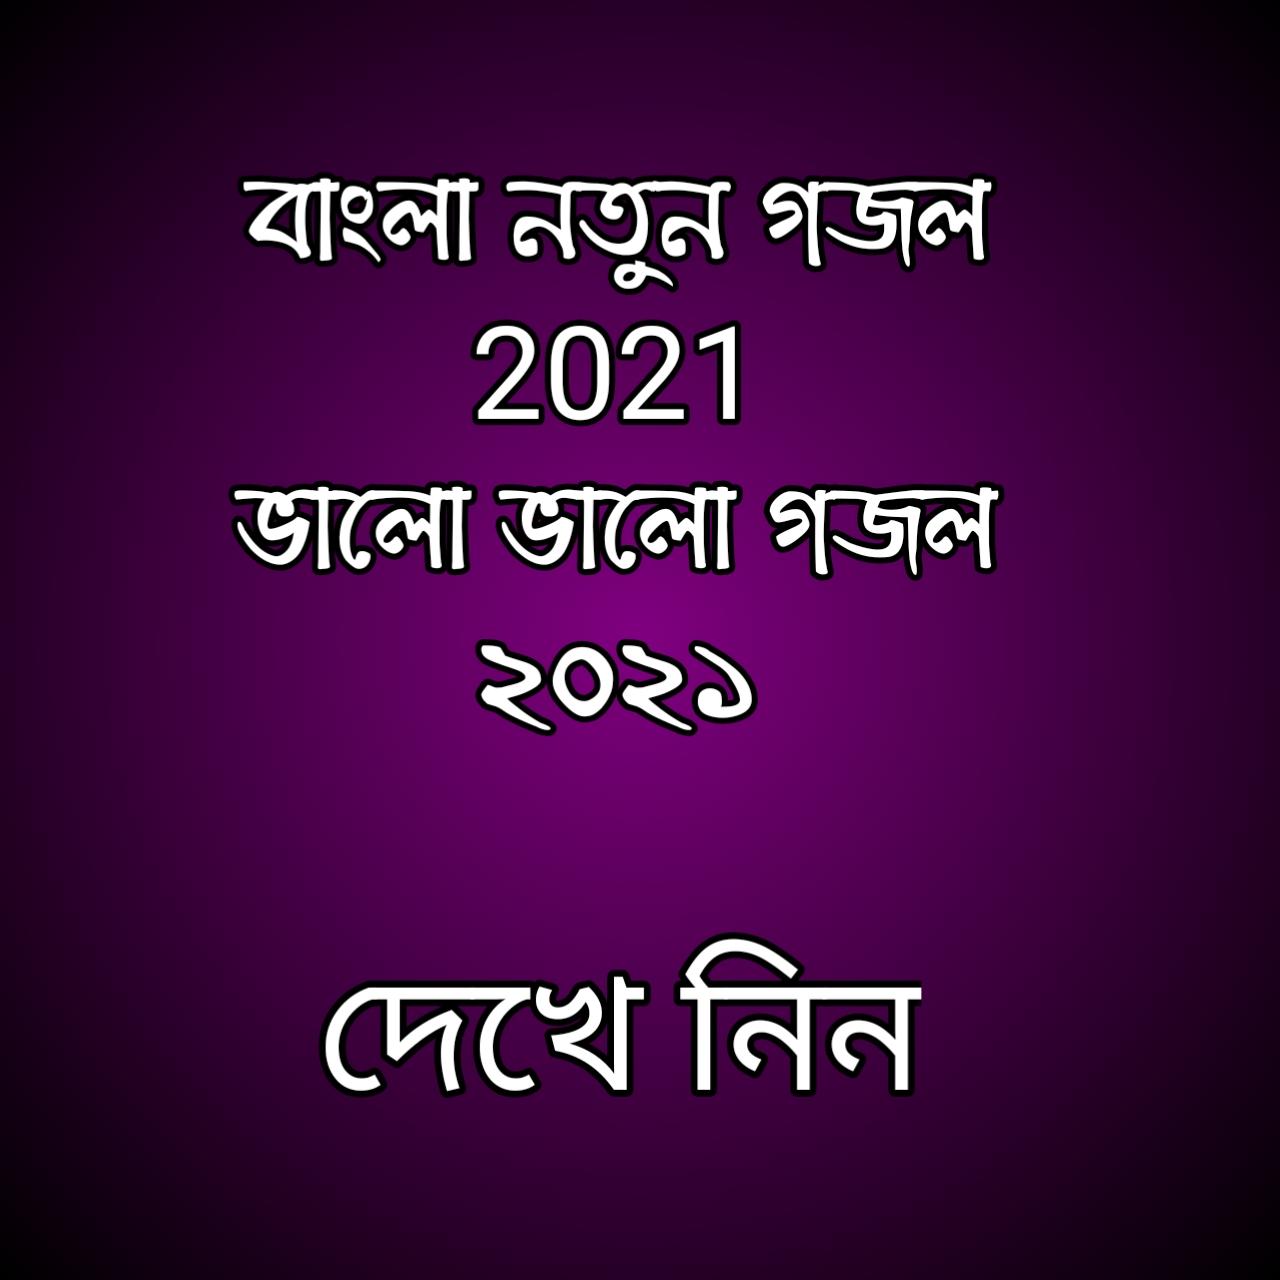 বাংলা গজল 2021, ভালো ভালো গজল ২০২১, গজল নতুন ২০২১, গজল 2021